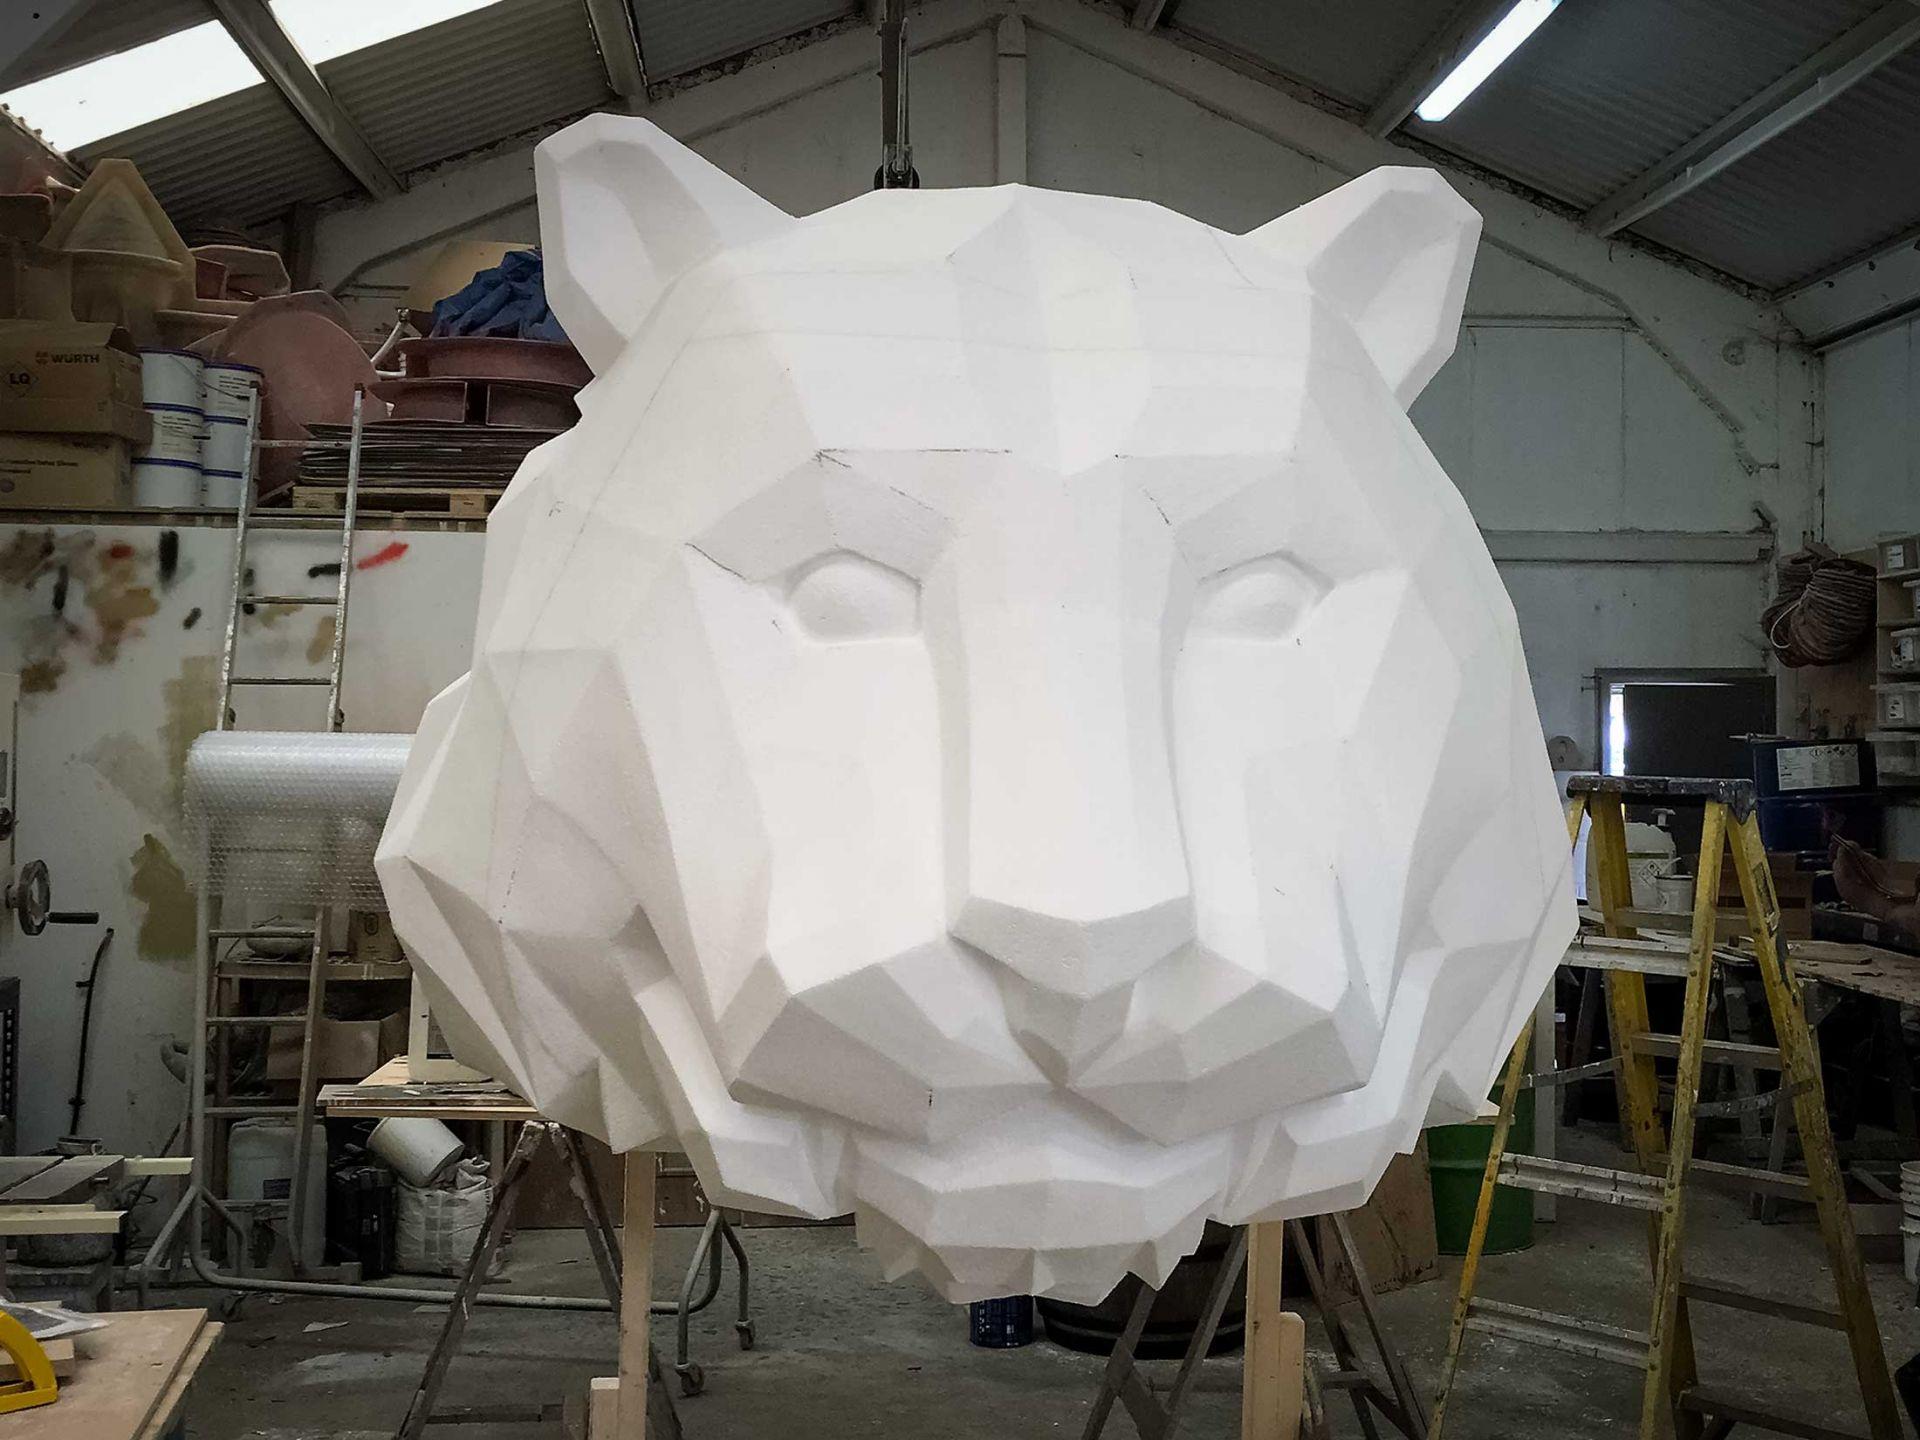 Giant polystyrene carved tiger in workshop.